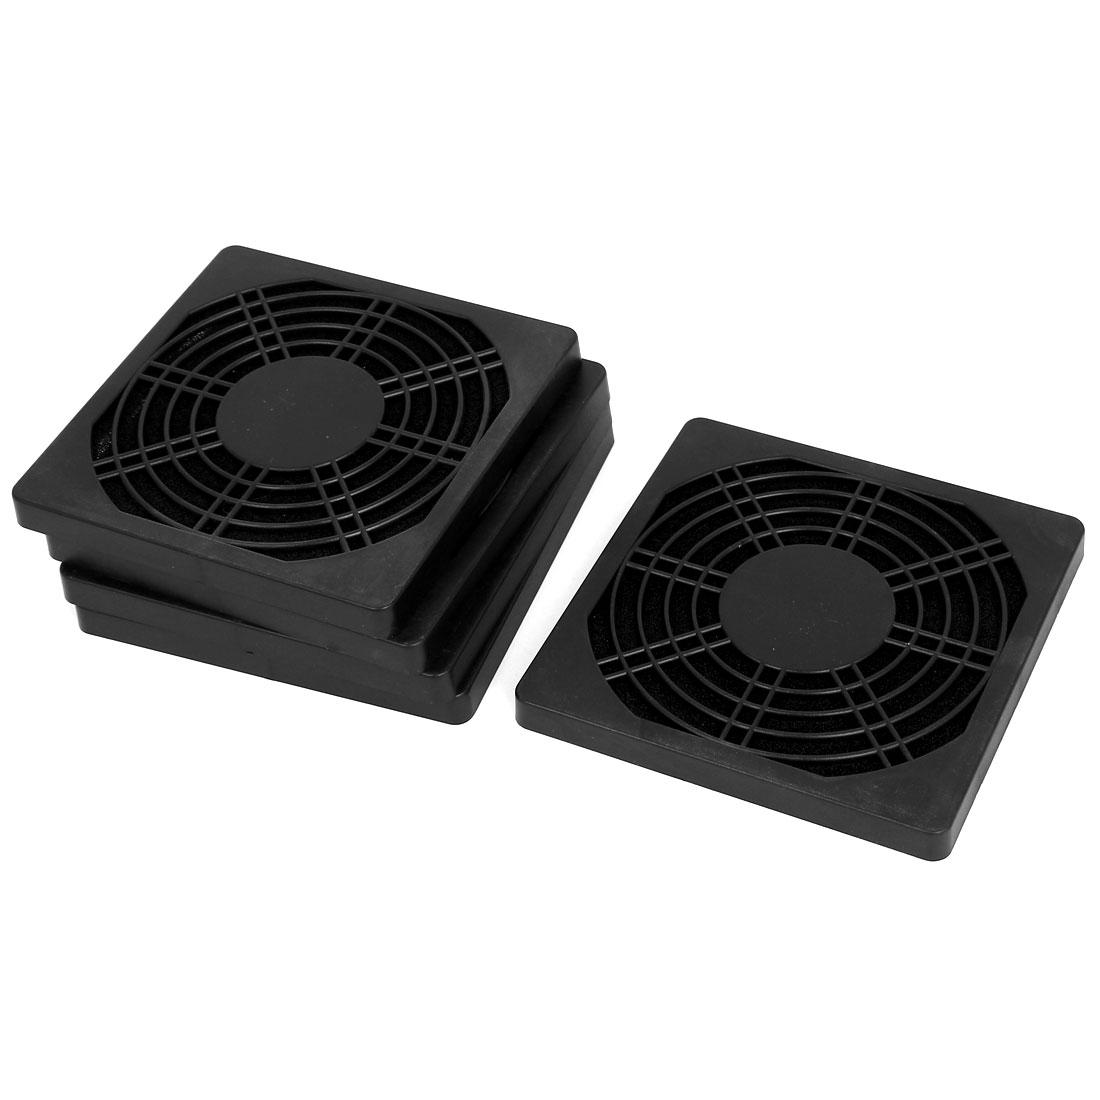 110mm Computer PC Dustproof Cooler Fan Case Cover Dust Filter Mesh 5pcs